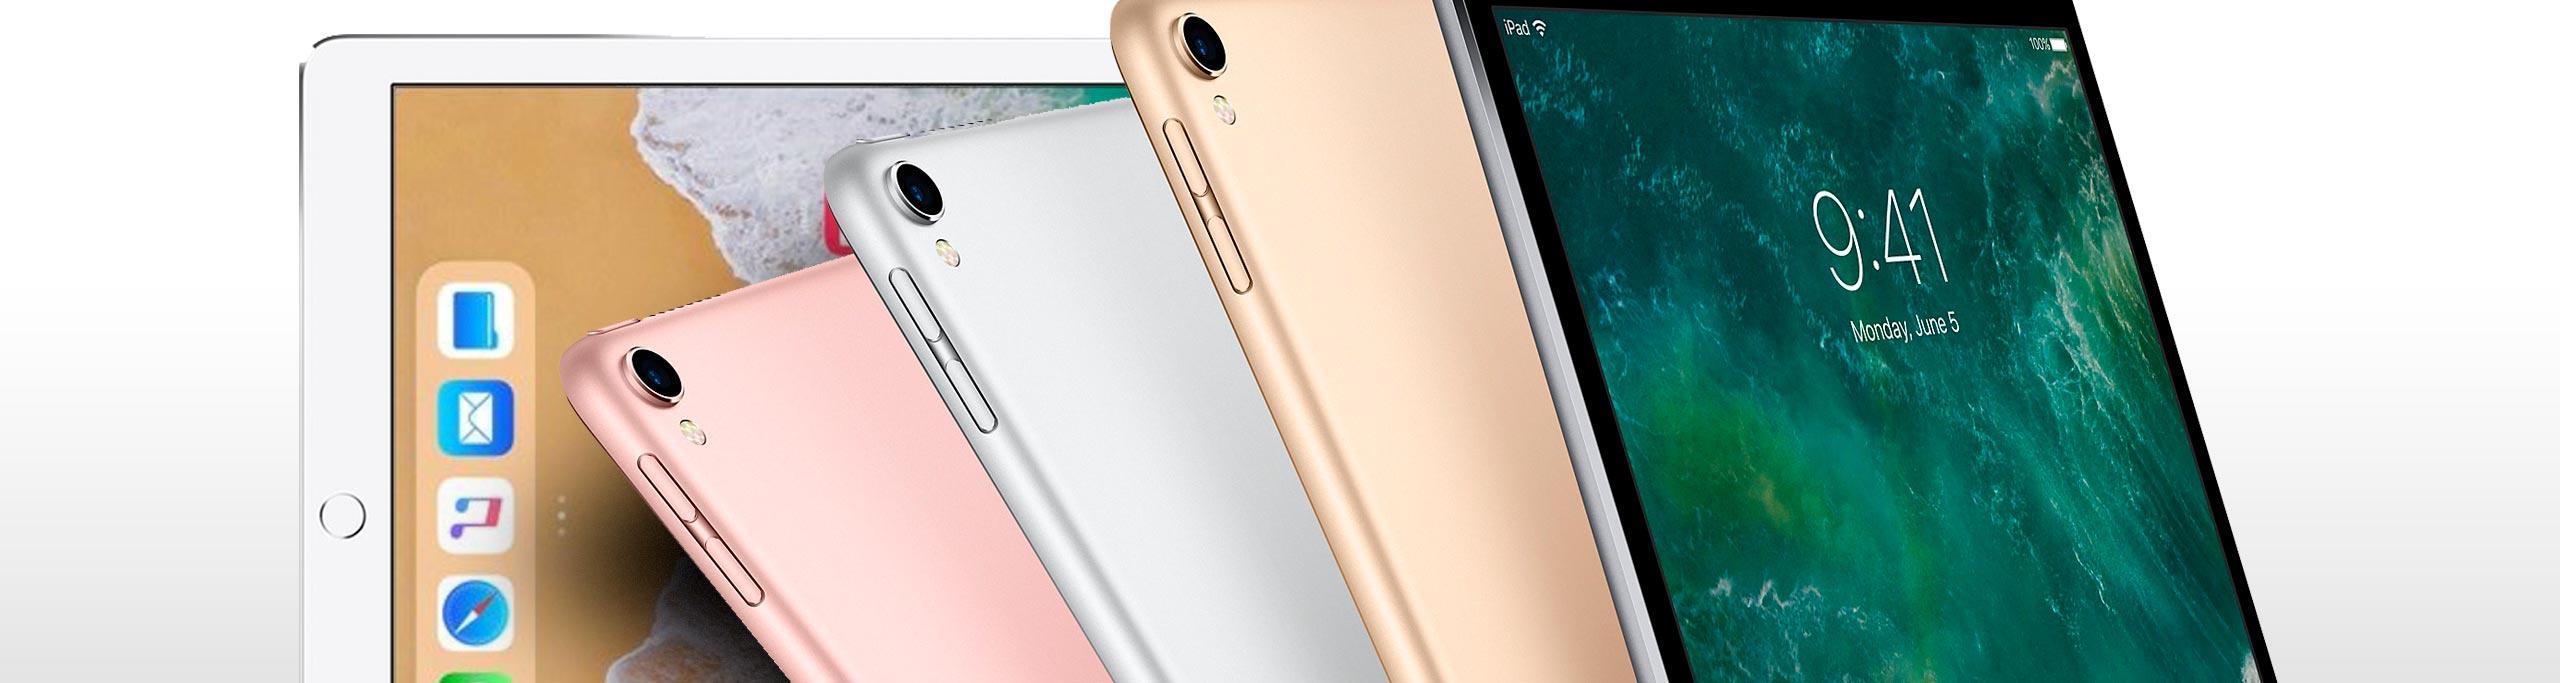 """iPad Pro 12.9"""" (A1584 / A1652)"""